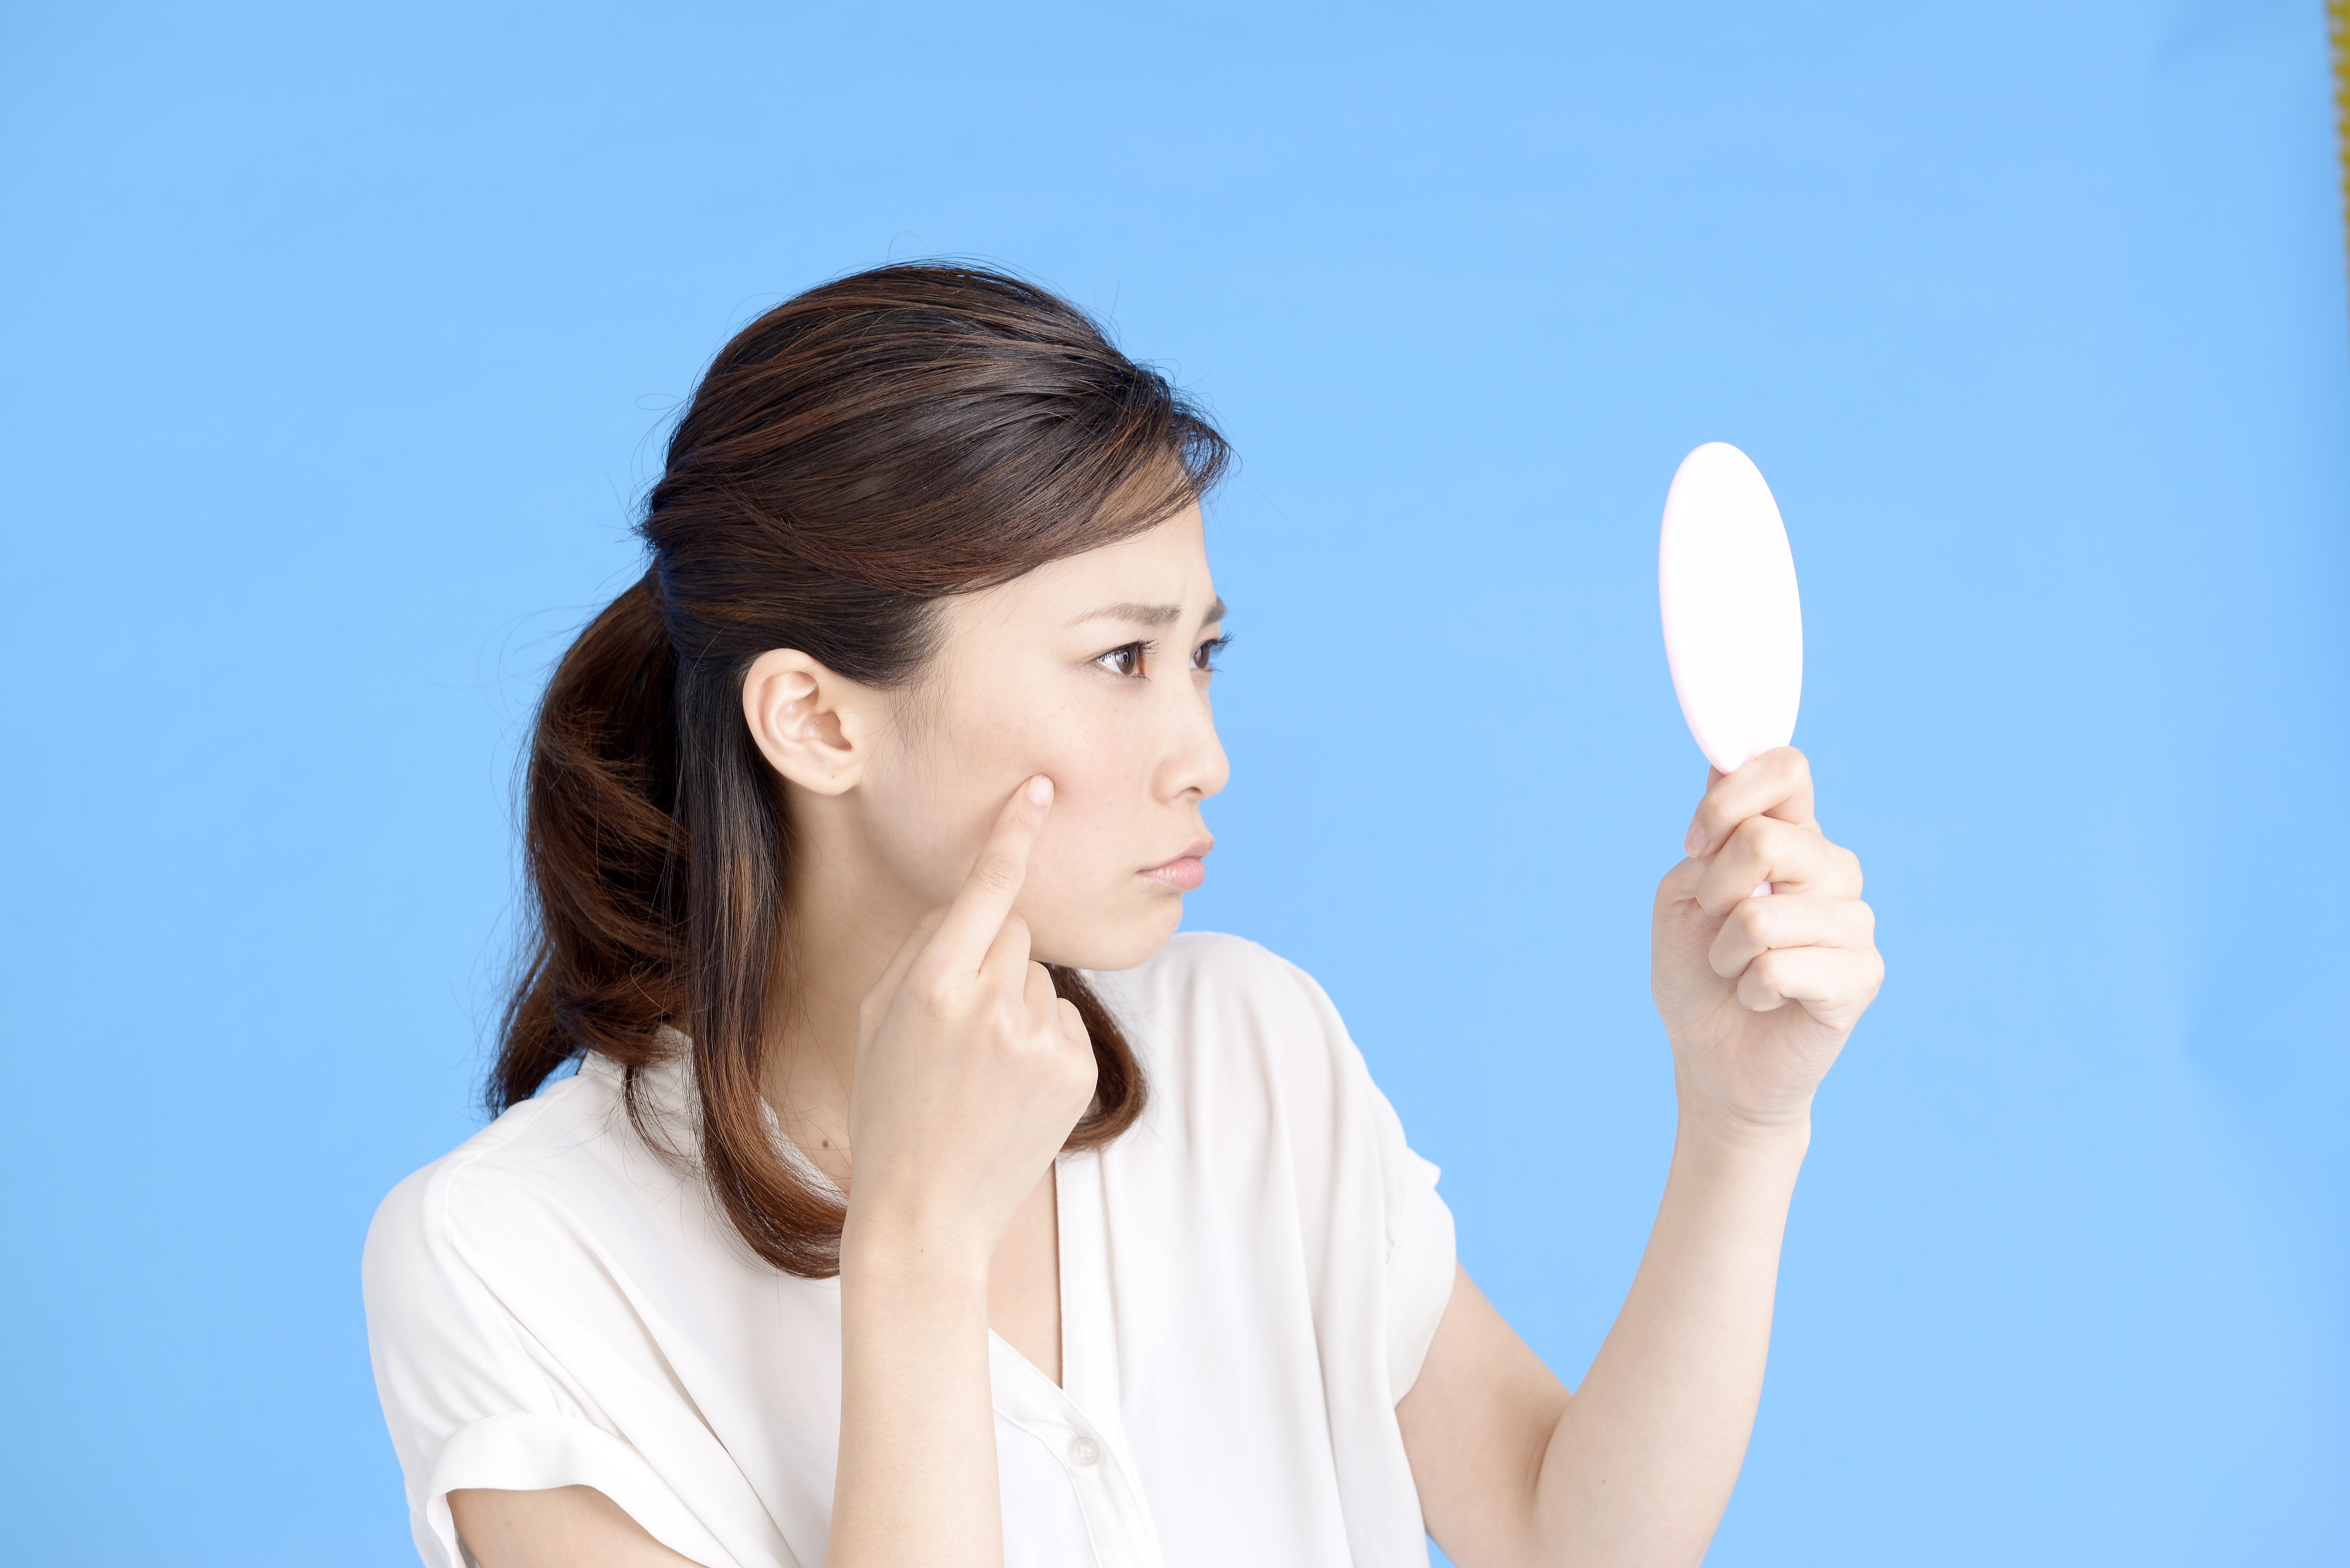 ビニール肌の女性写真画像01